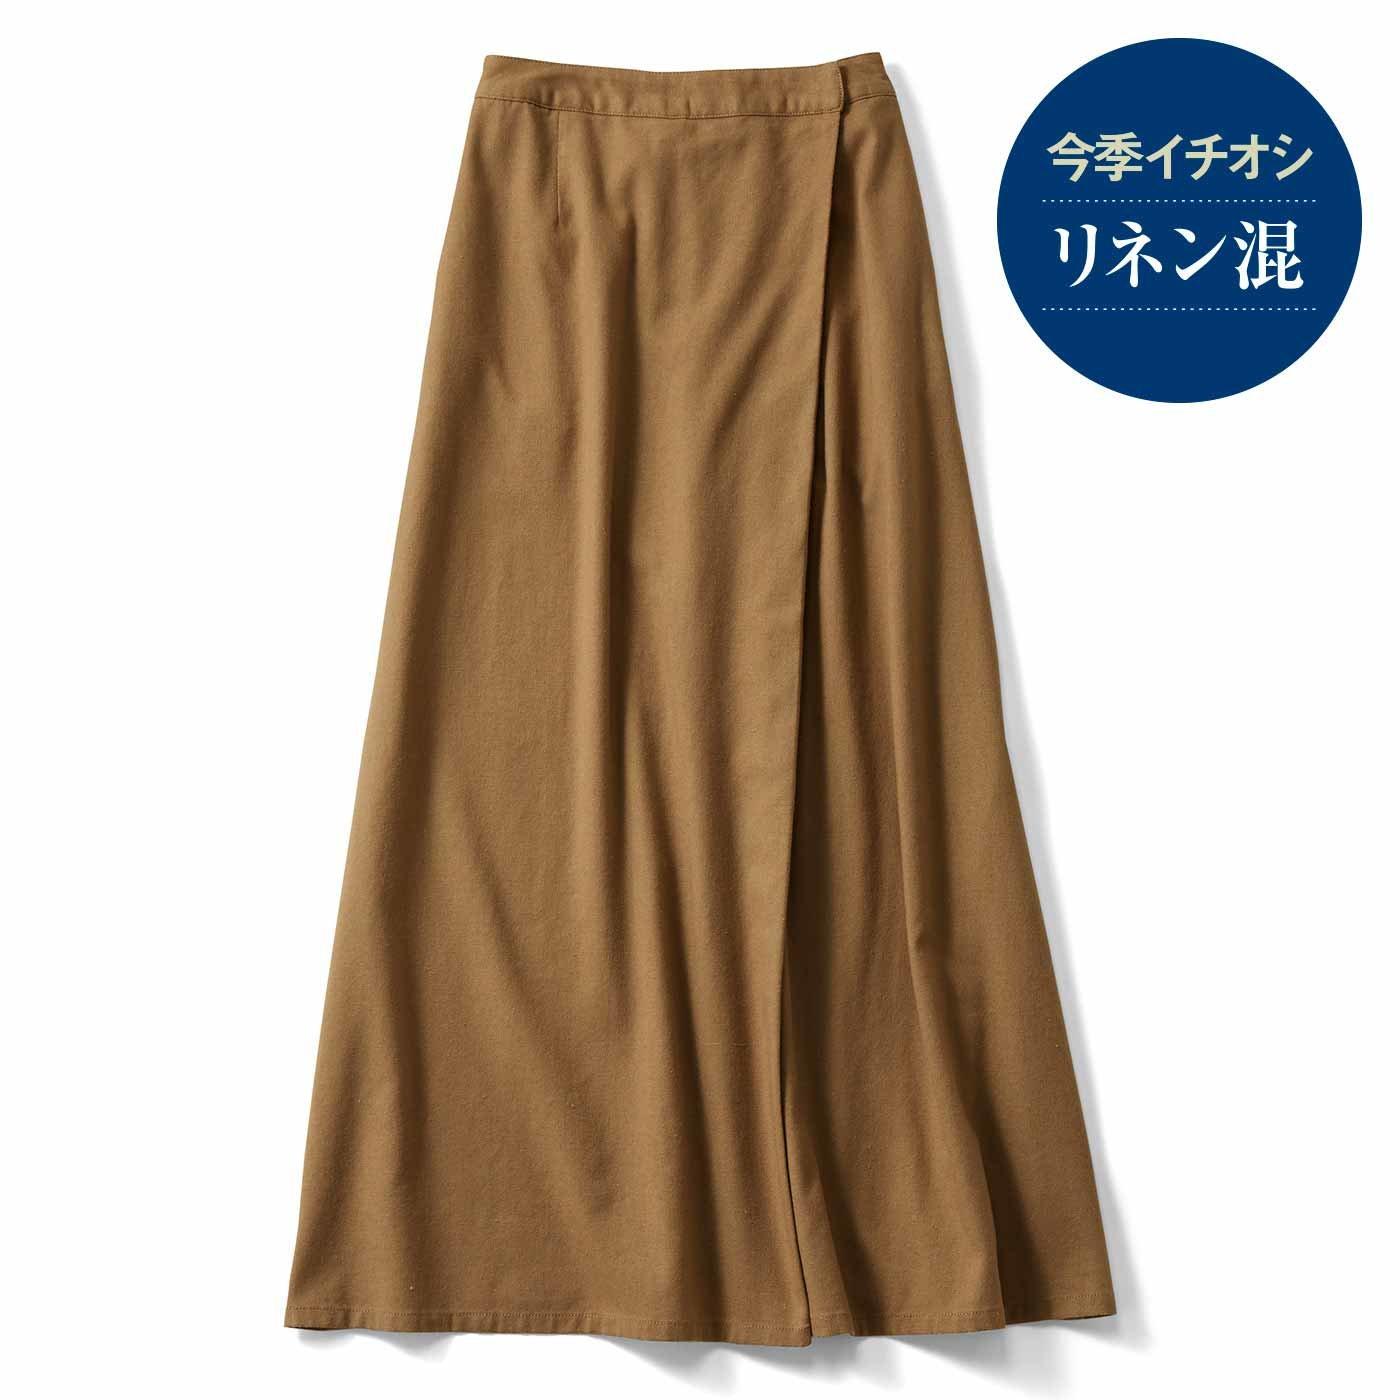 IEDIT[イディット] リネン混素材で上質にこなれる すっきりシルエットのラップ風Aラインロングスカート〈キャメル〉